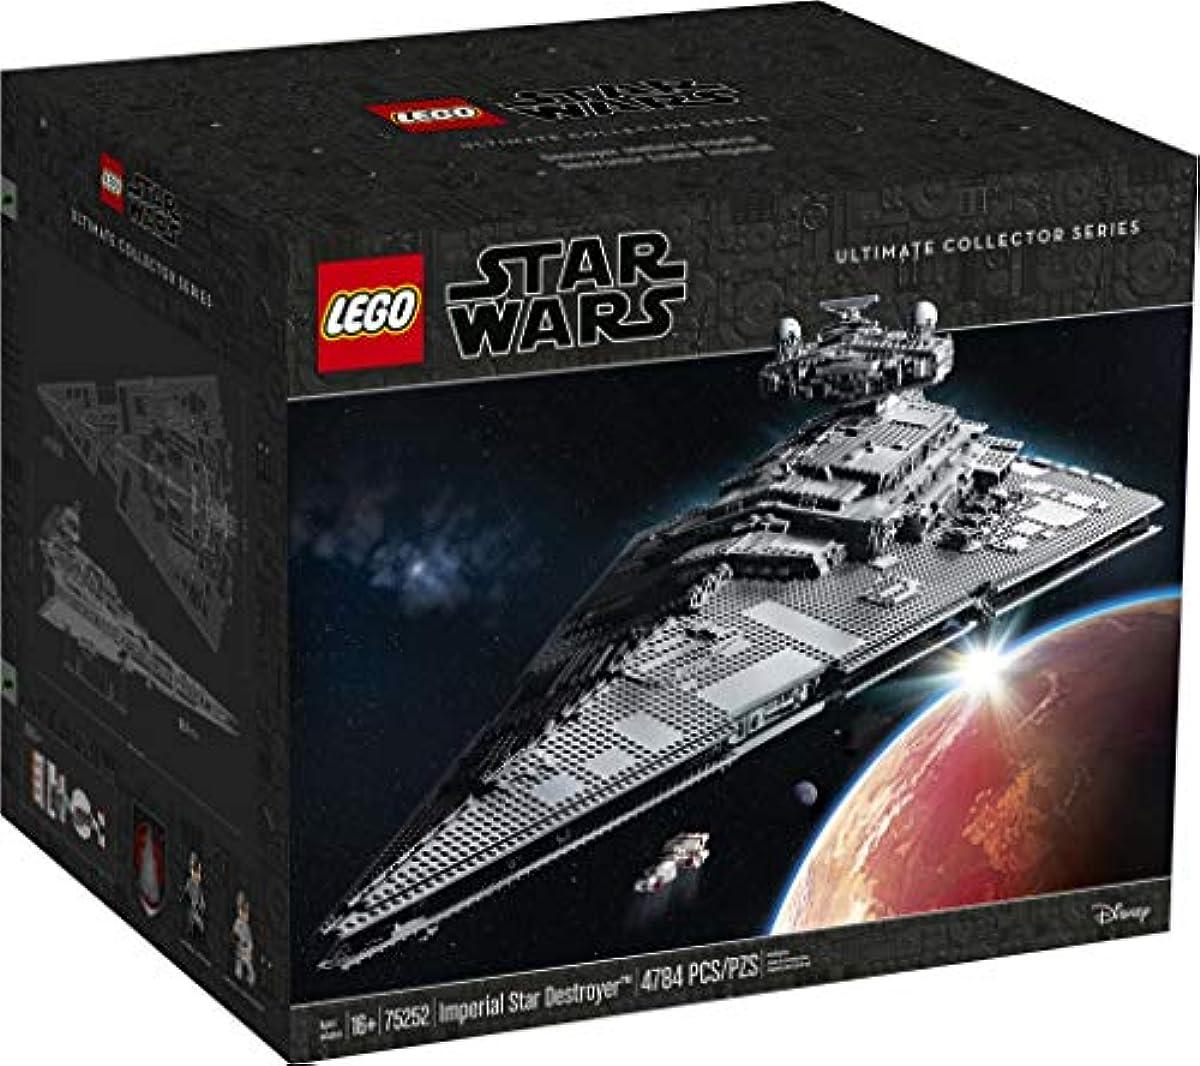 [해외] 레고(LEGO) 스타워즈 UCS 임페리얼 스타 디스트로이저 ULTIMATE COLLECTOR SERIES IMPERIAL STAR DESTROYER 【75252】일본 국내 정규품